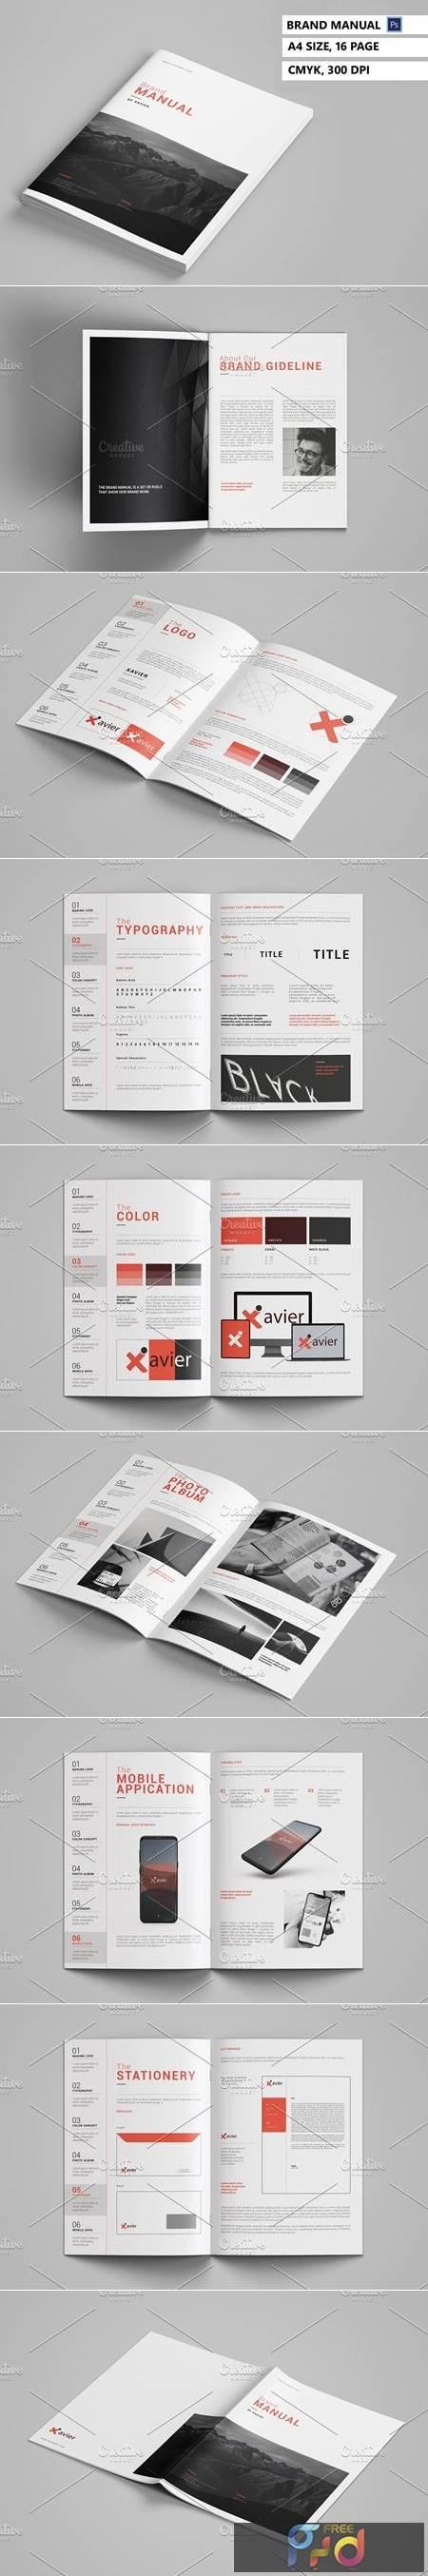 Brand Manual V964 4373868 1